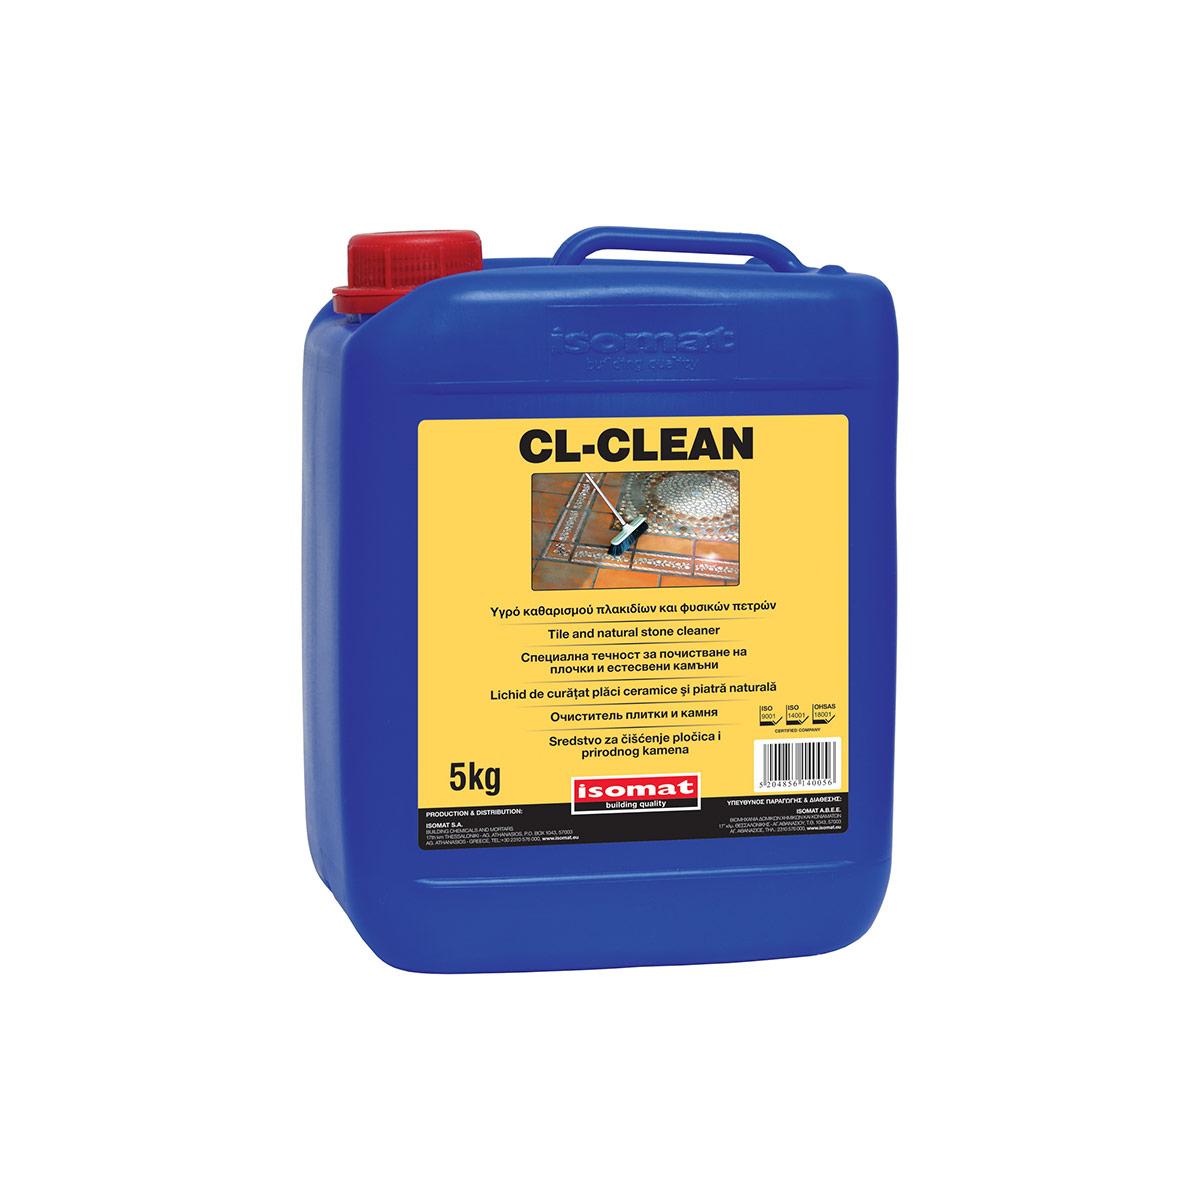 CL-CLEAN